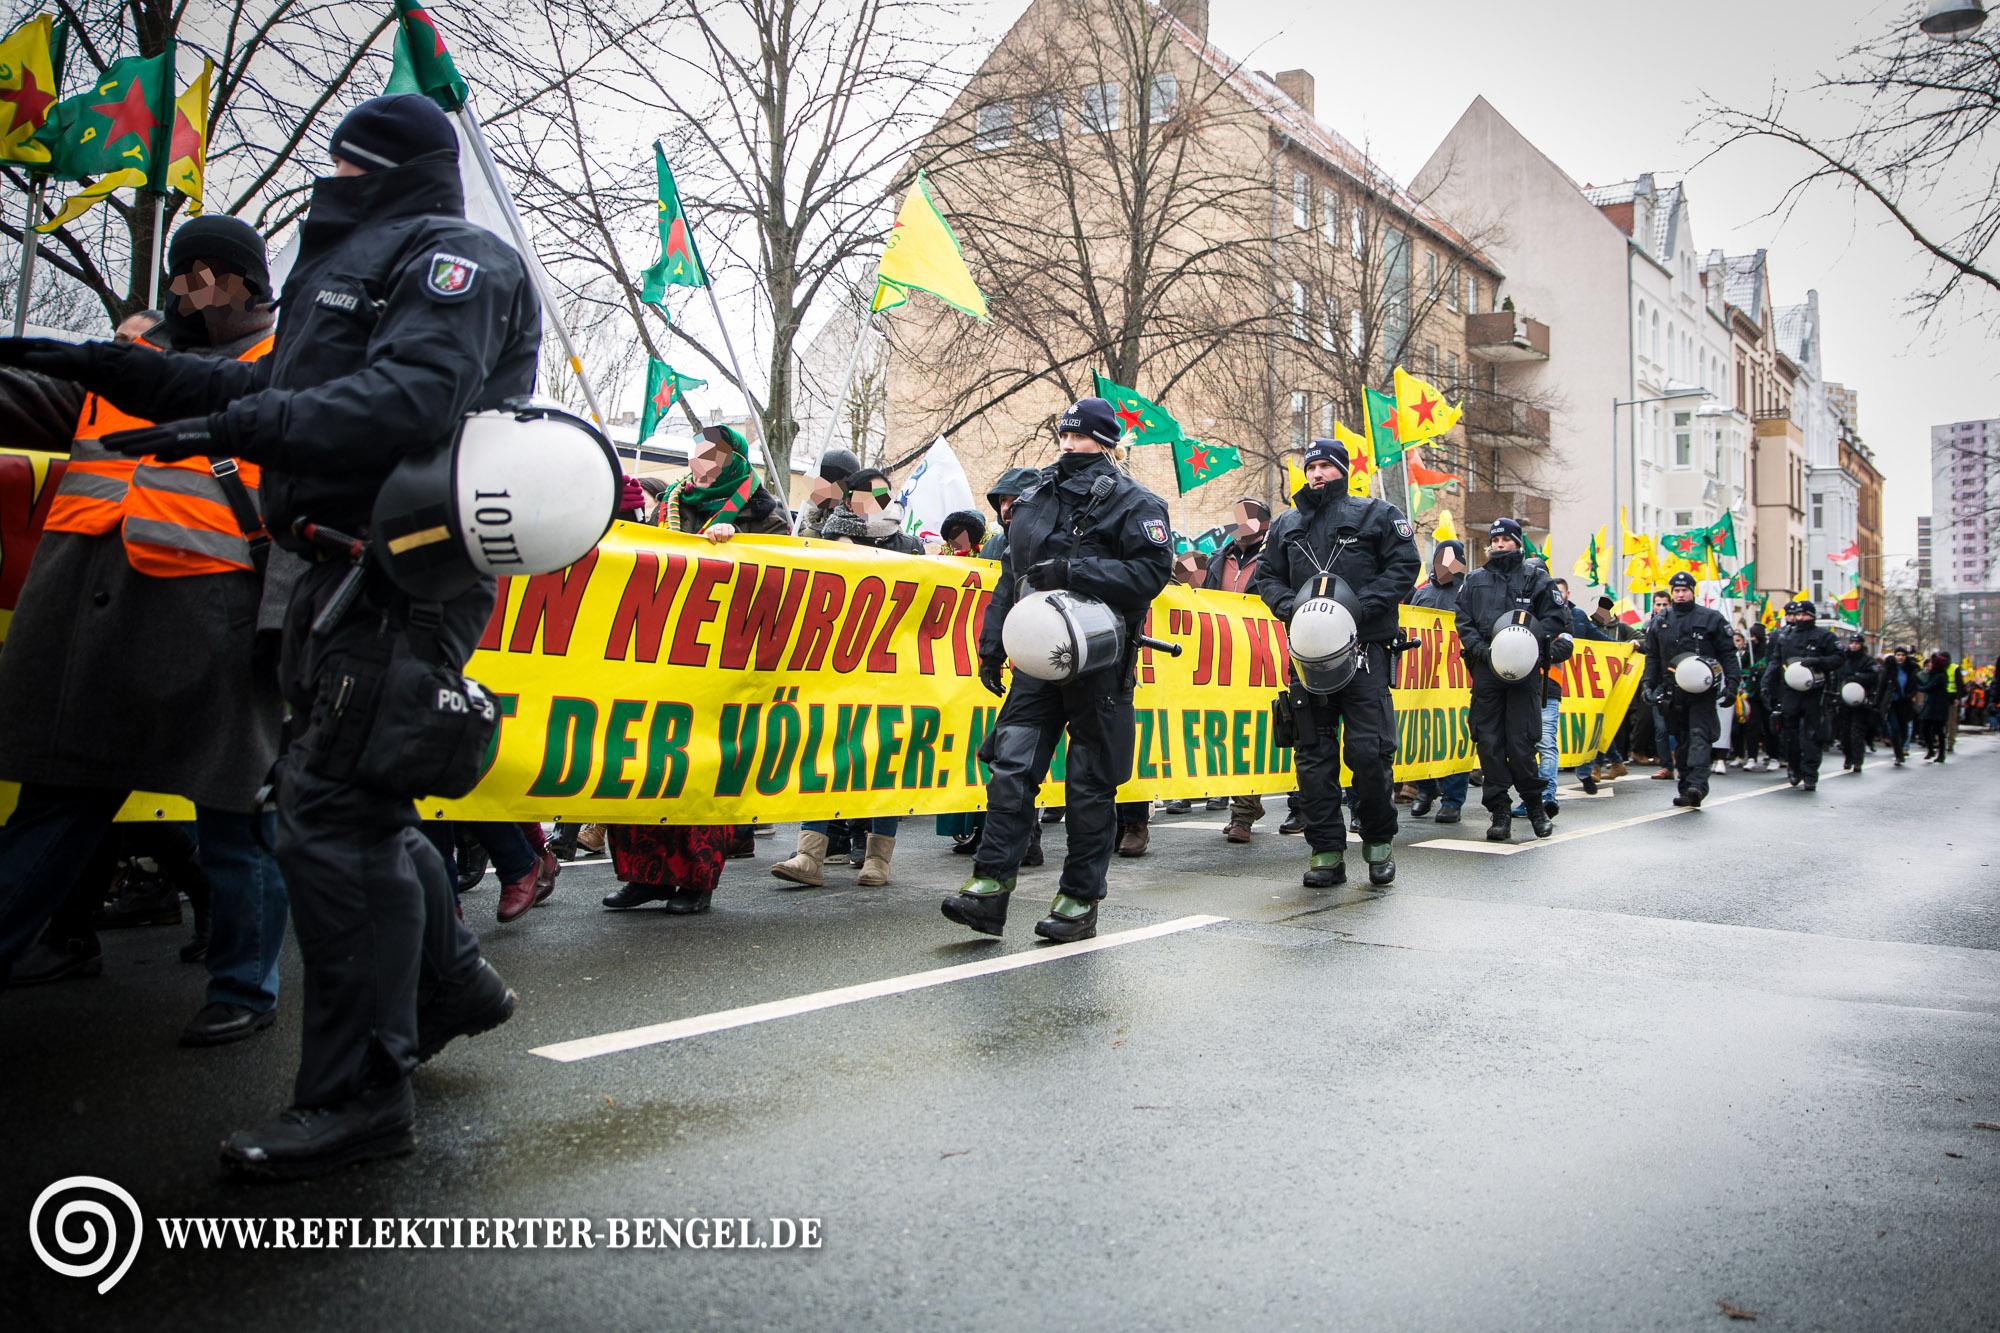 17.03.18 Hannover - Newroz Demo für Afrin